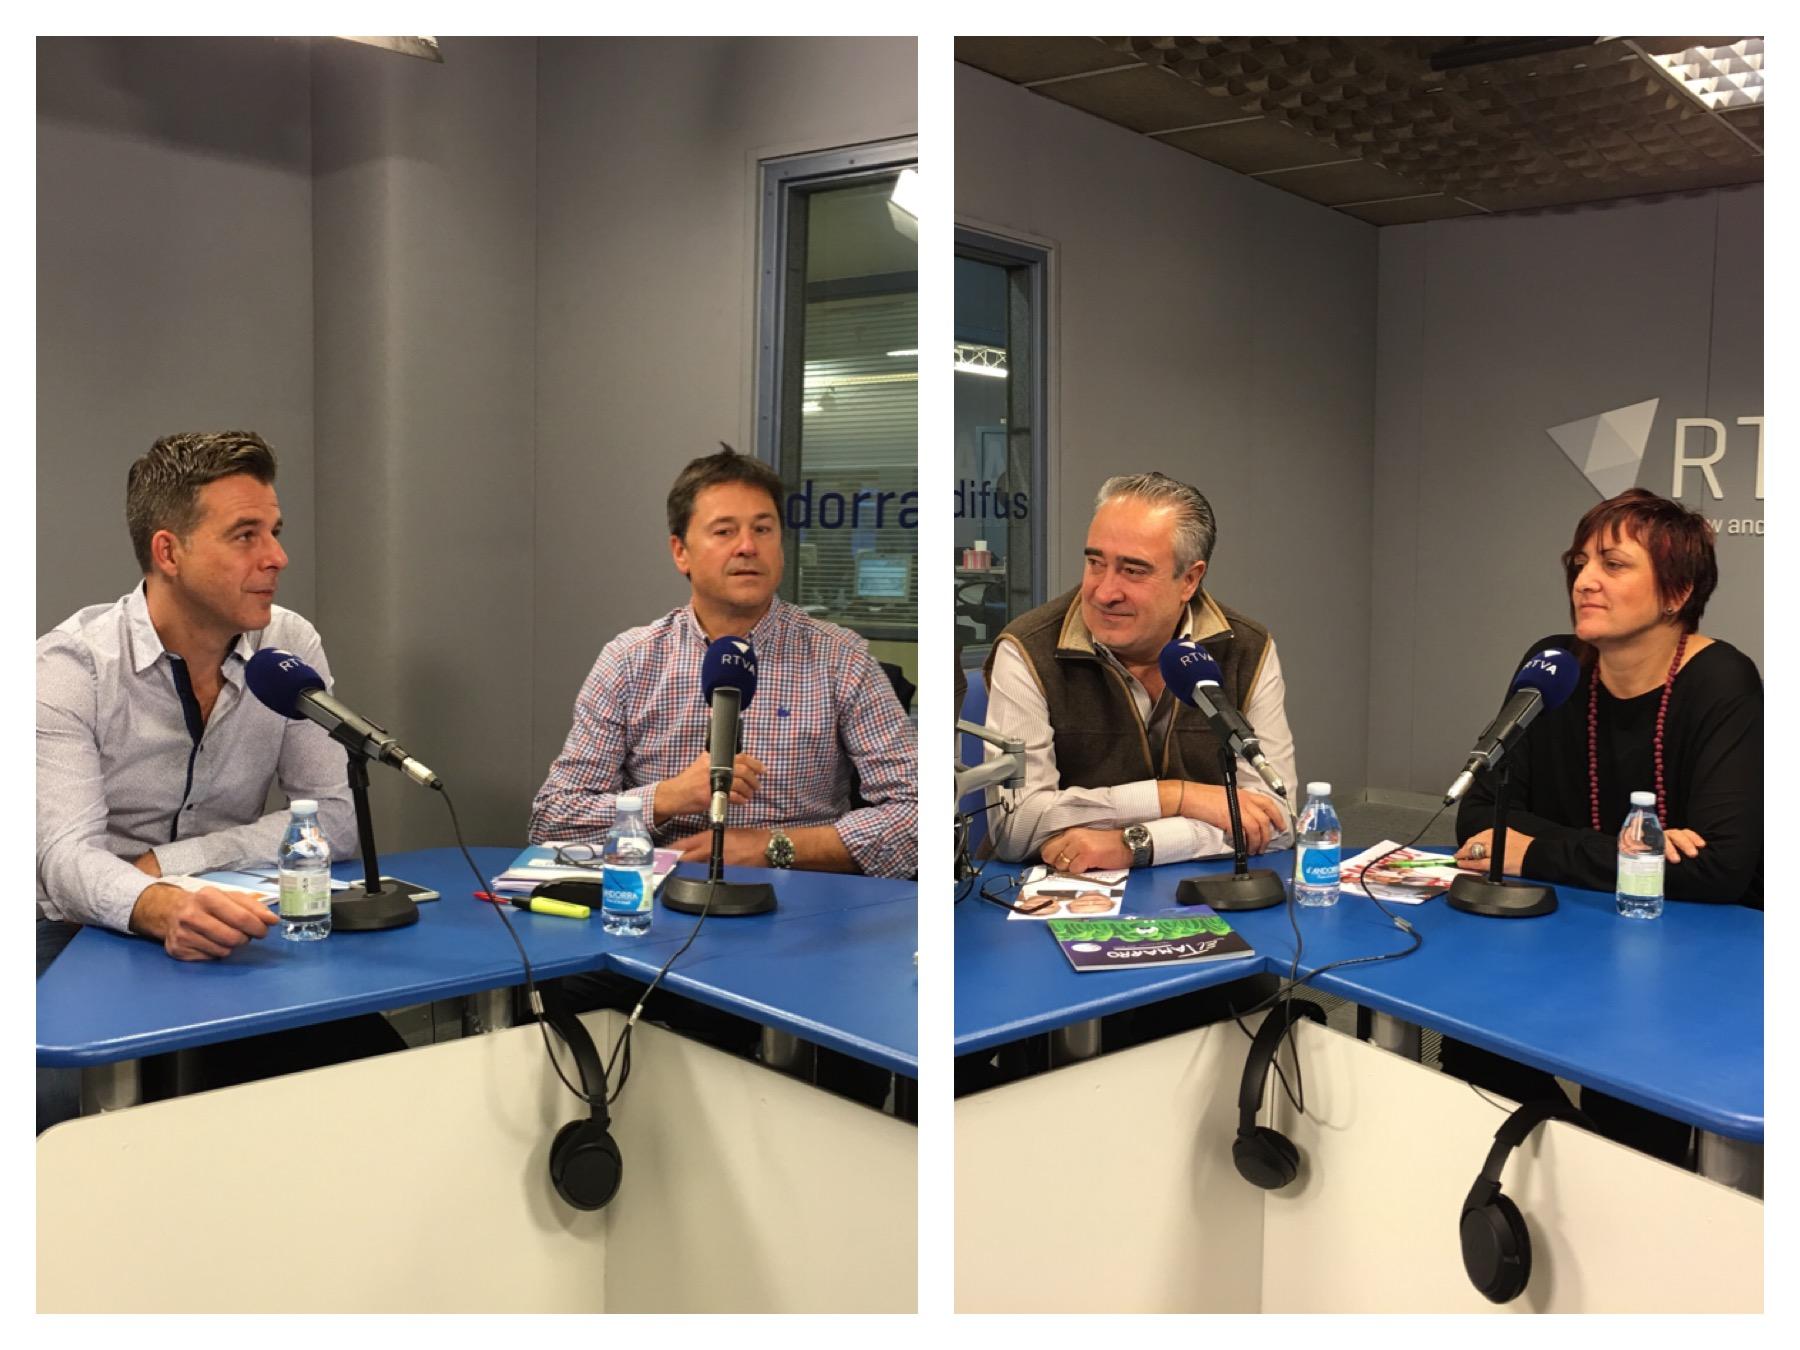 Tertúlia dels números 2 d'Andorra la Vella: Lídia Samarra, Àngel Dalmau, Víctor Pintos i Marc Pons